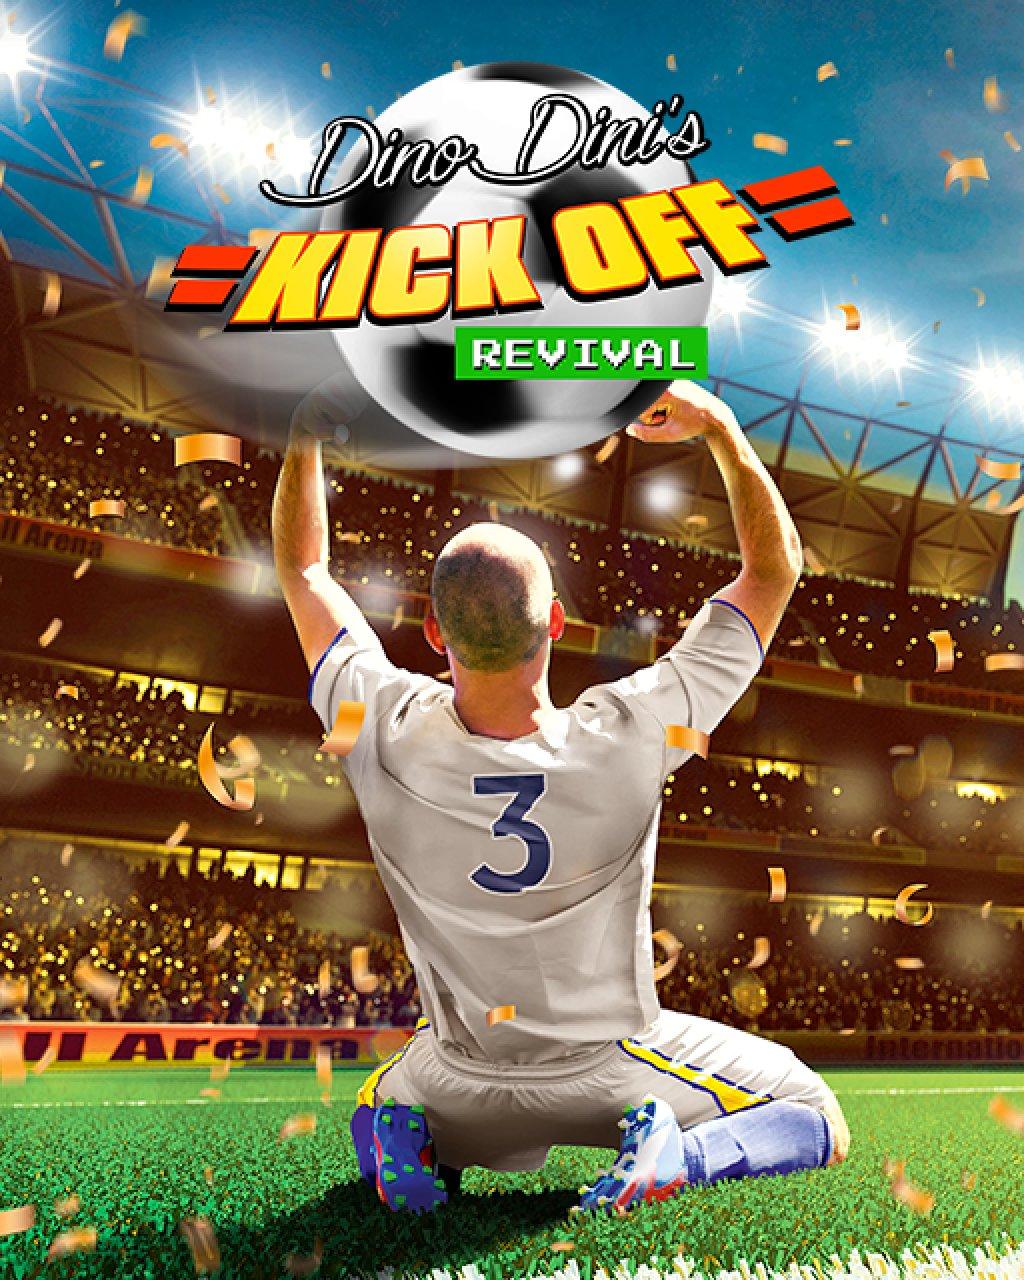 Dino Dinis Kick Off Revival krabice